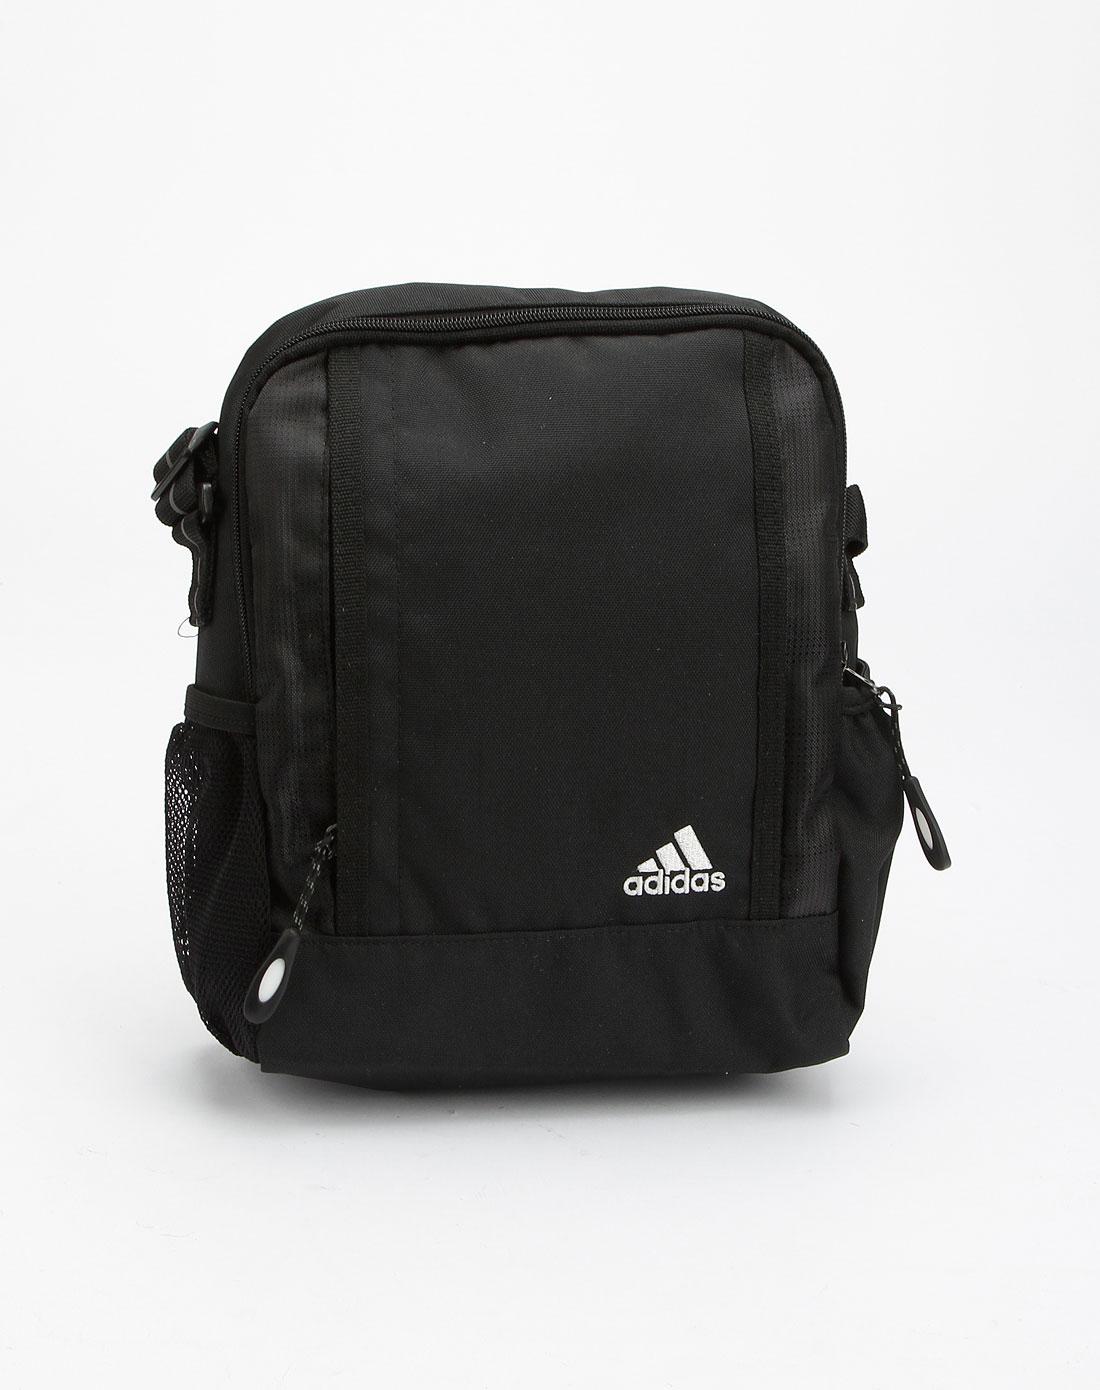 阿迪达斯adidas男装专场-男款黑/白色简约斜挎包